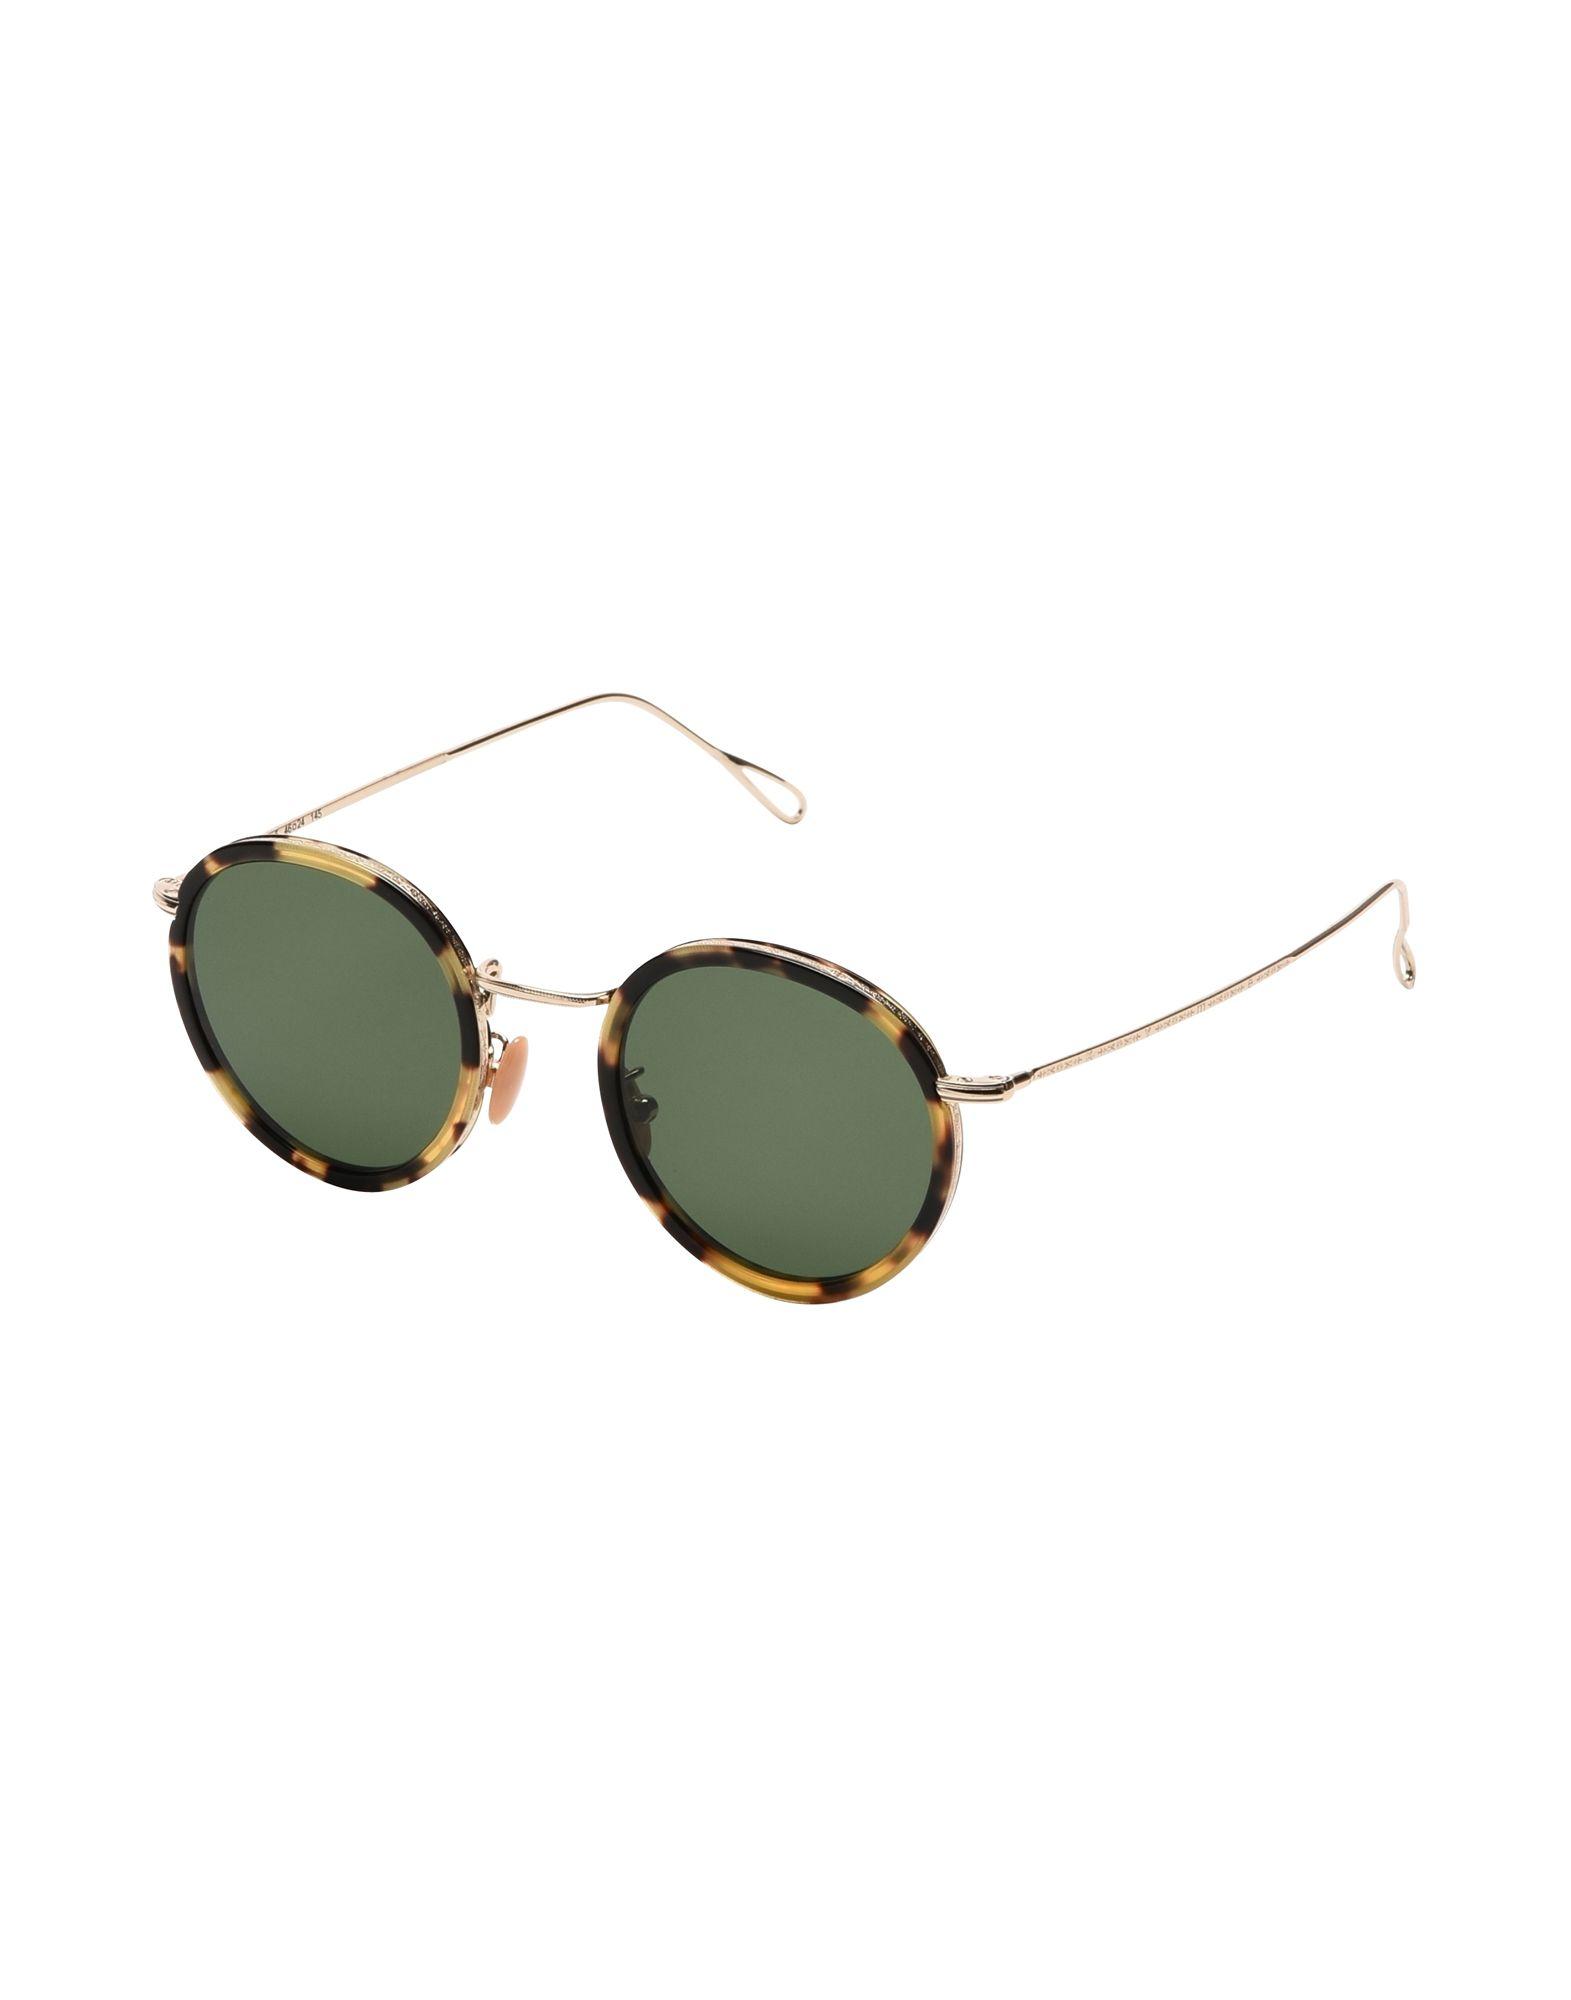 KYME Солнечные очки сотовый телефон irbis sf06 green